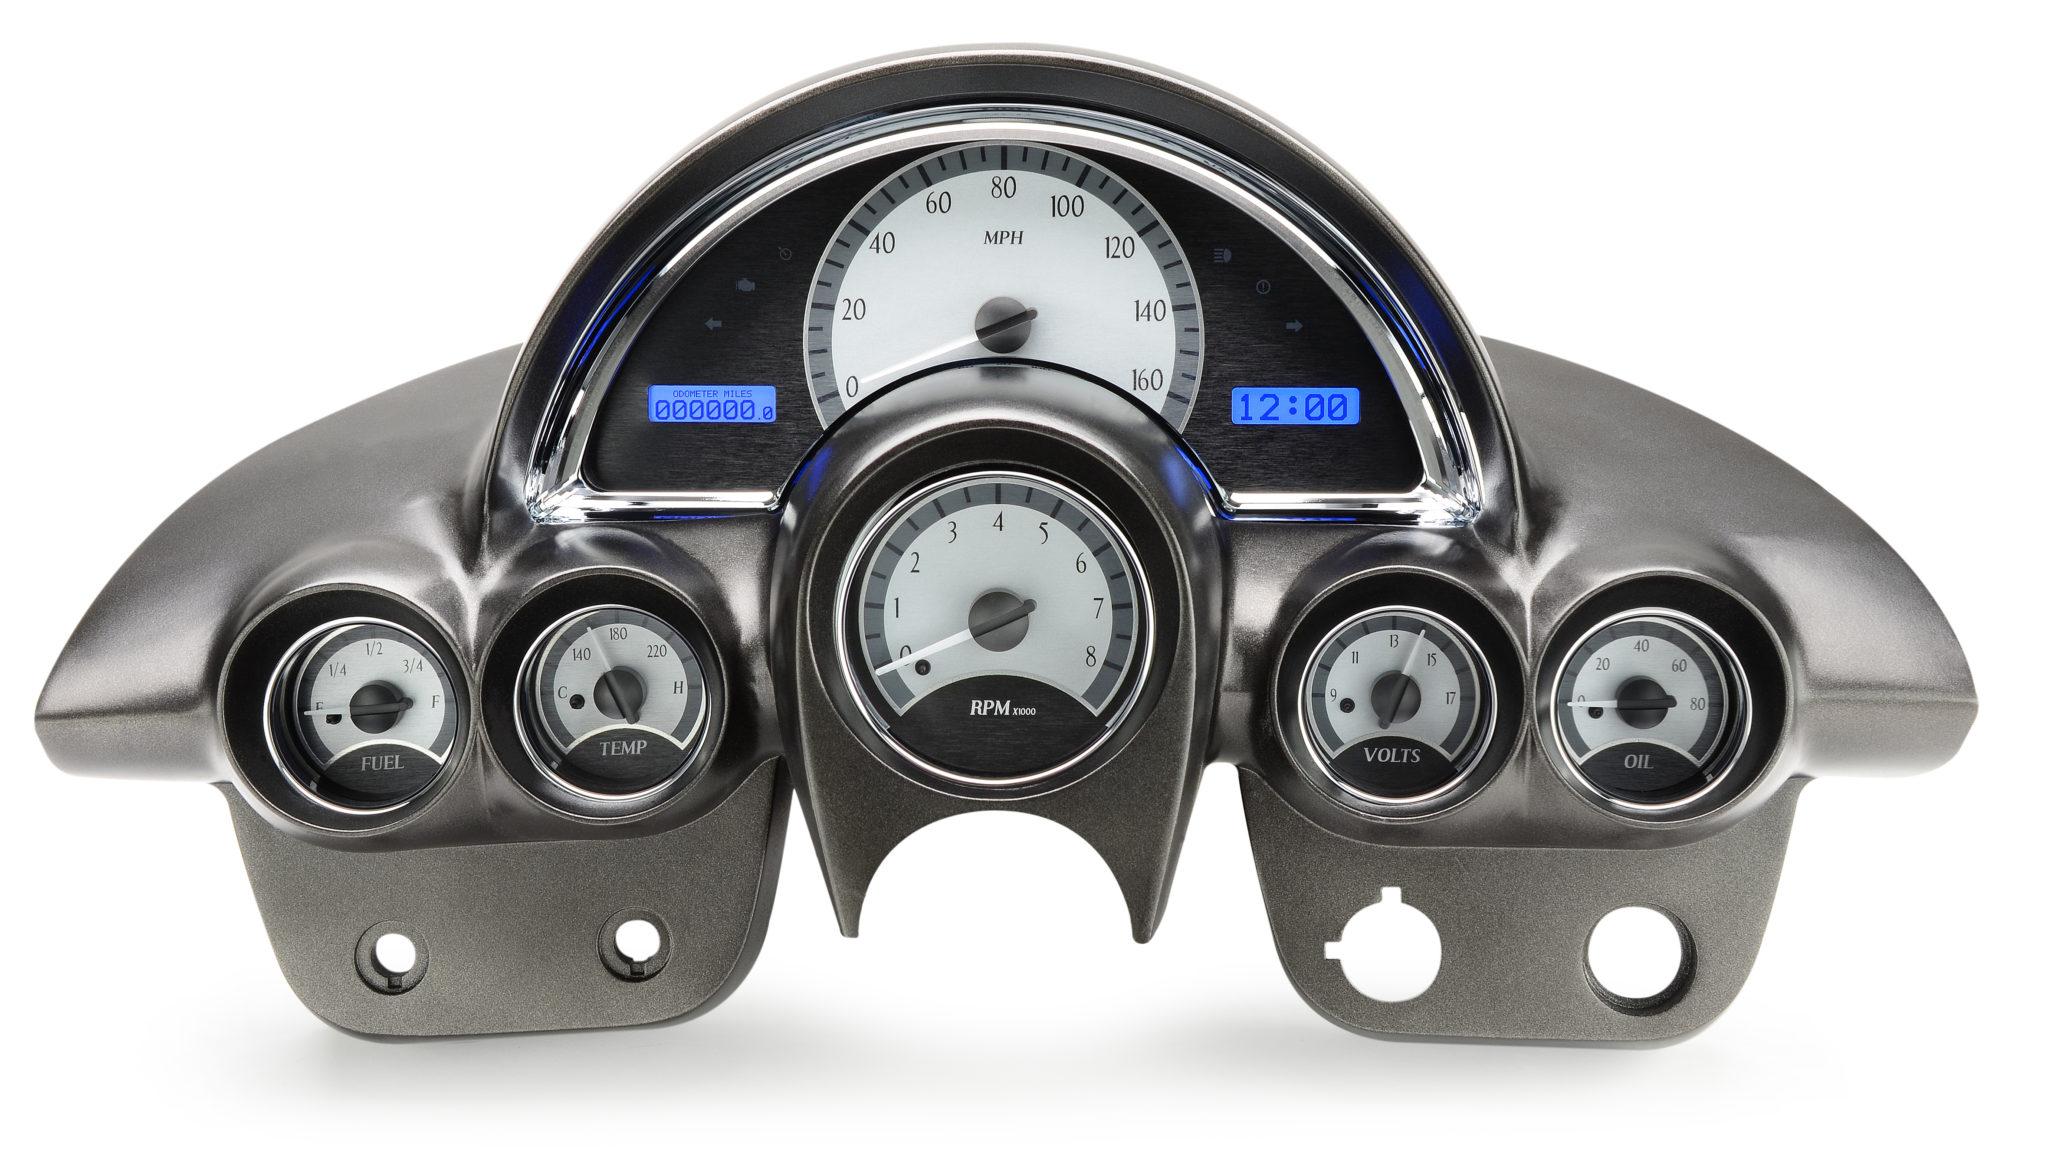 Custom Digital Gauges : Corvette dakota digital vhx gauges custom